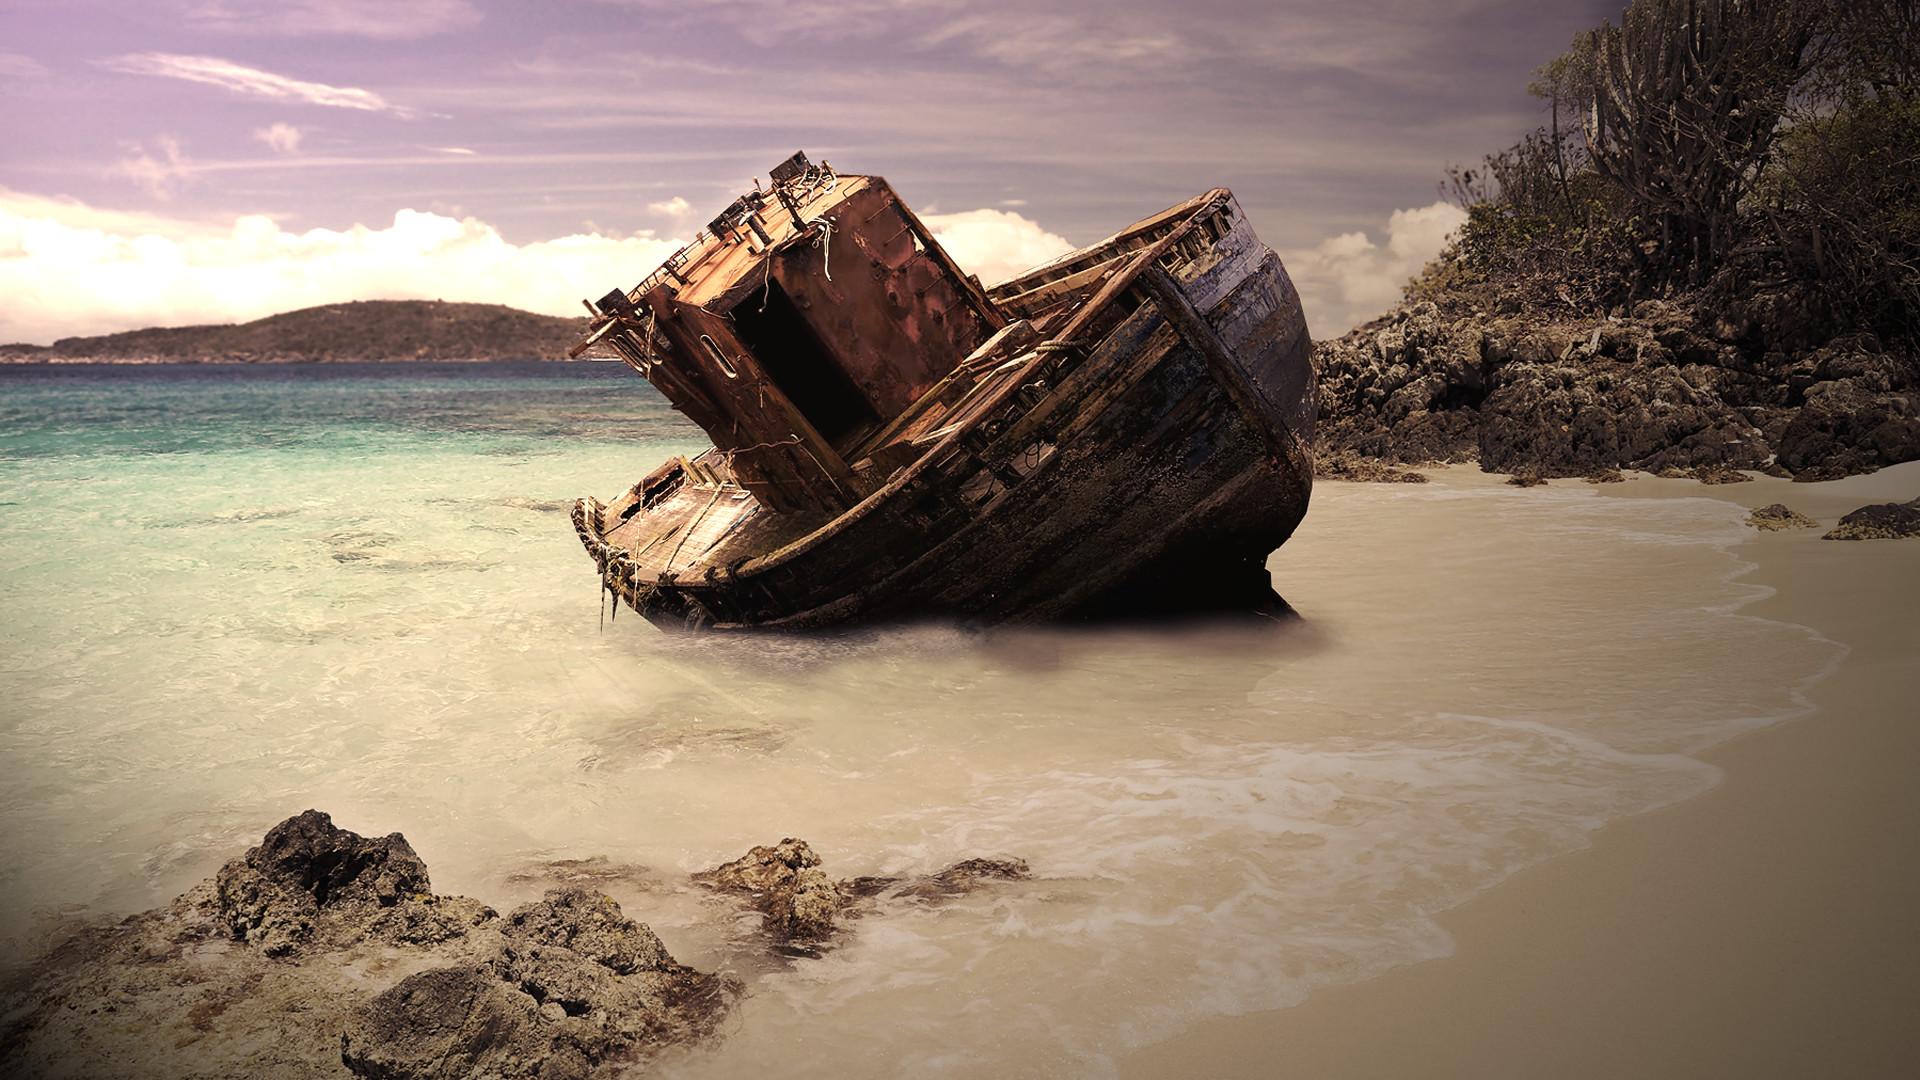 Res: 1920x1080, Shipwreck HD Wallpaper